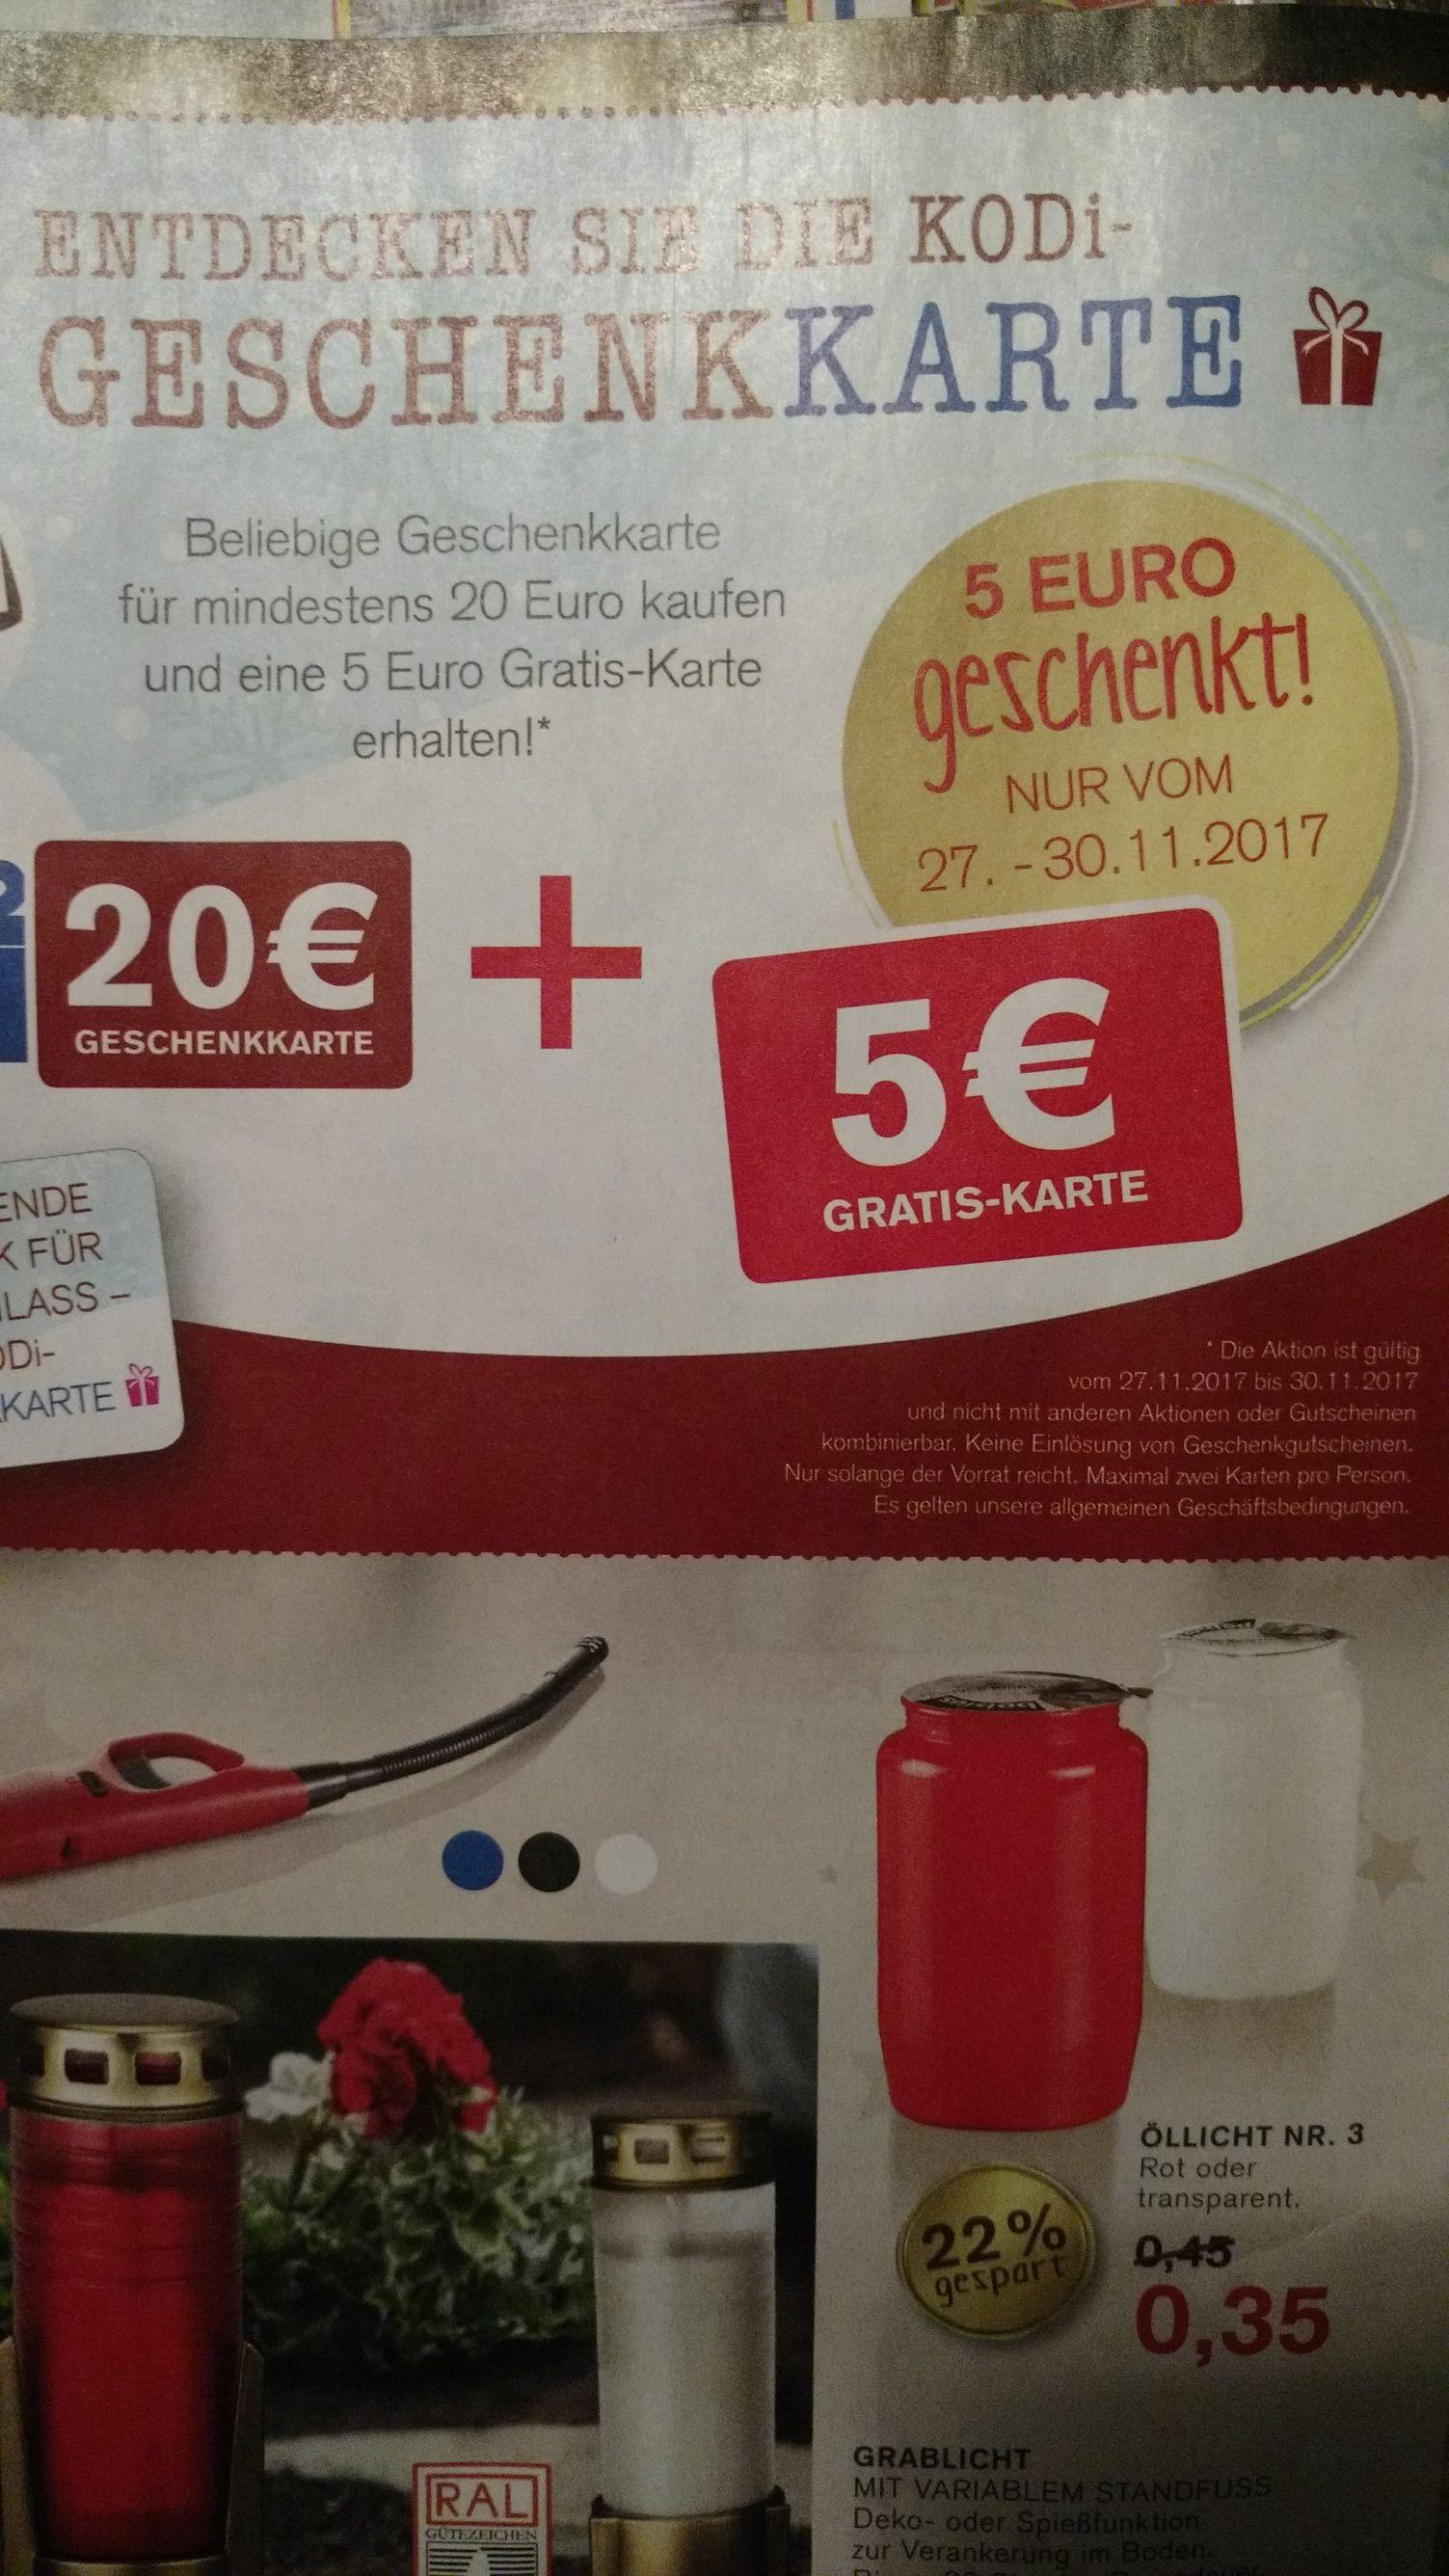 [Kodi] 20 Euro Geschenkkarte kaufen und 5 Euro Karte dazu bekommen.